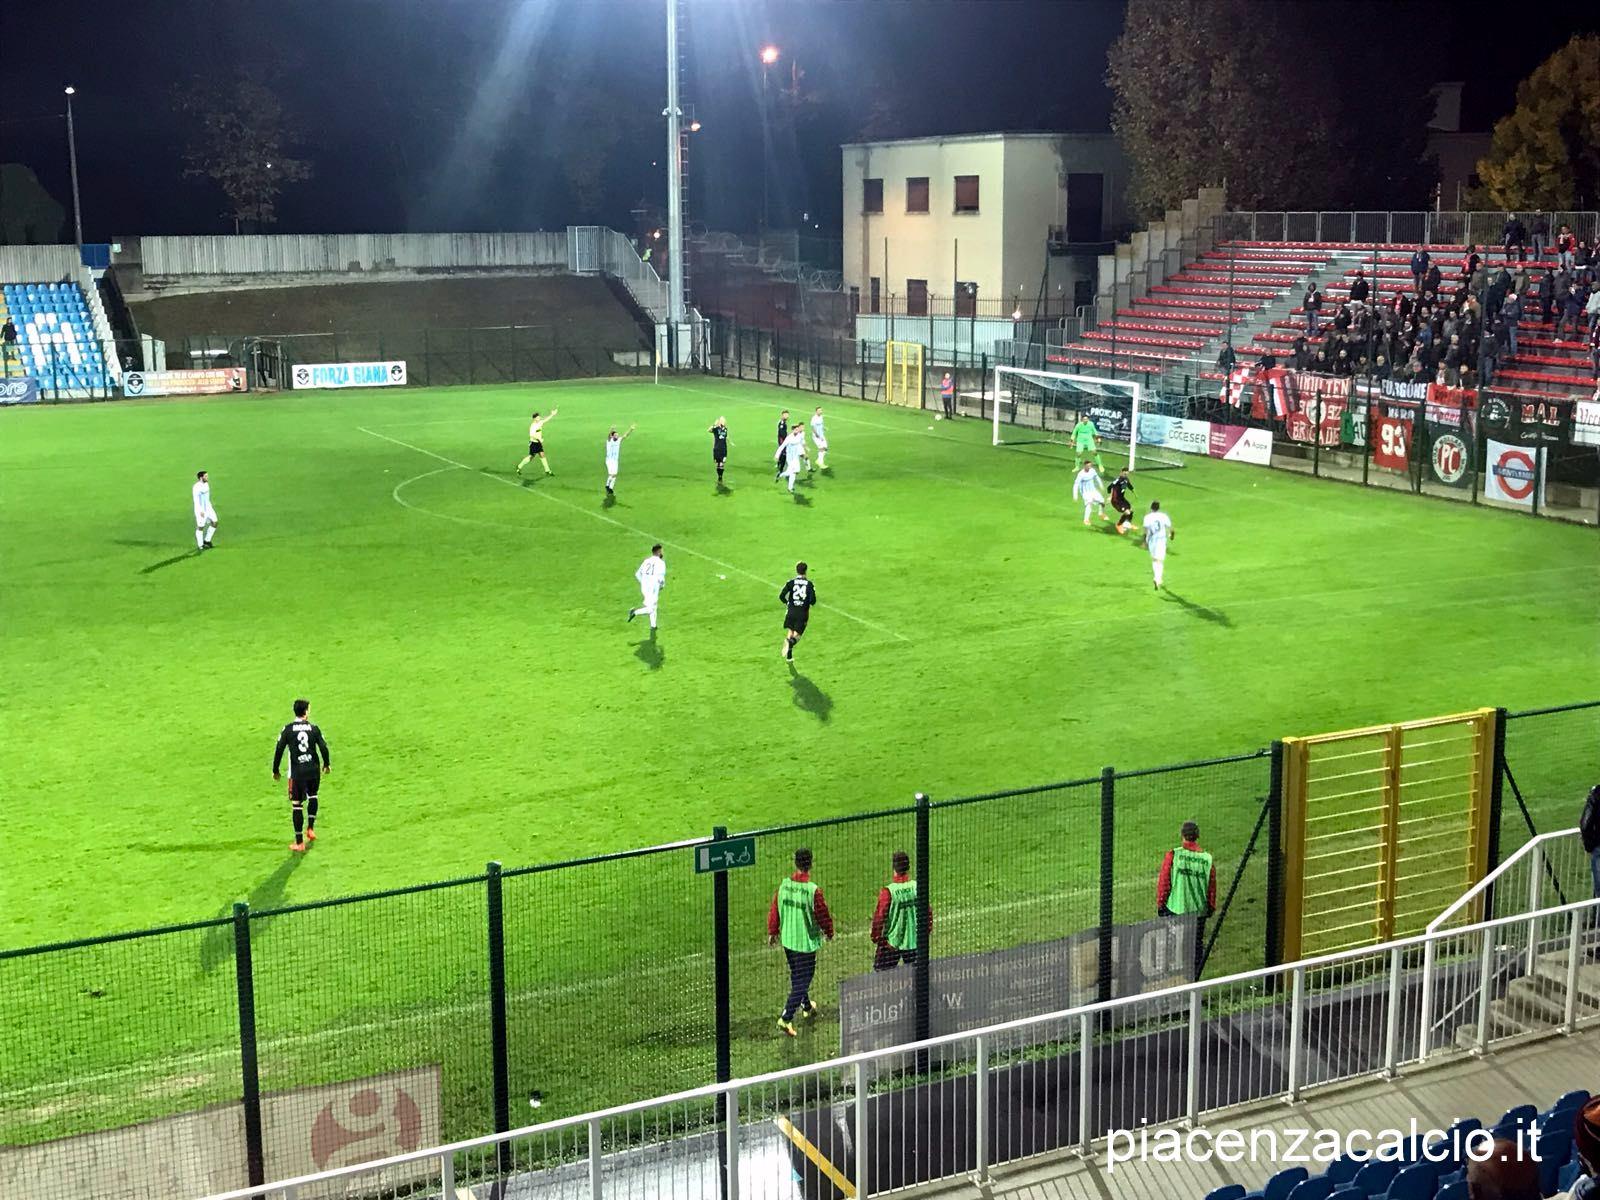 Giana Erminio - Piacenza5